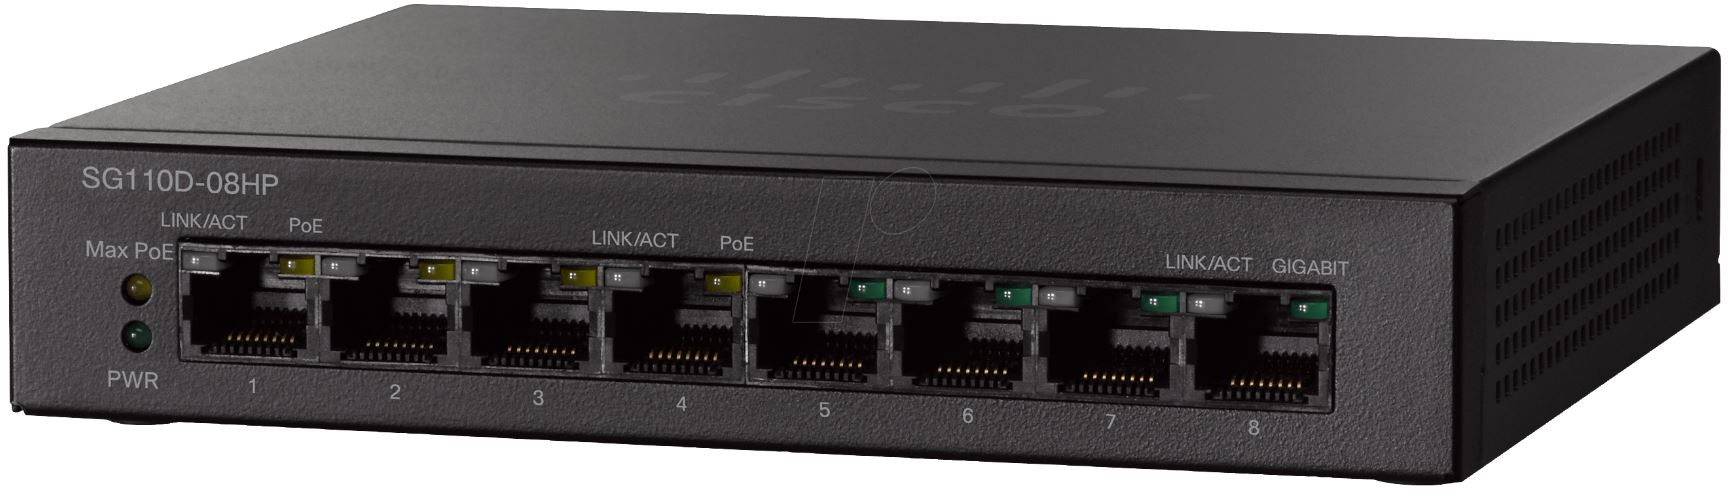 Cisco 8-Port (4 x PoE) Gigabit Desktop Switch (32W)